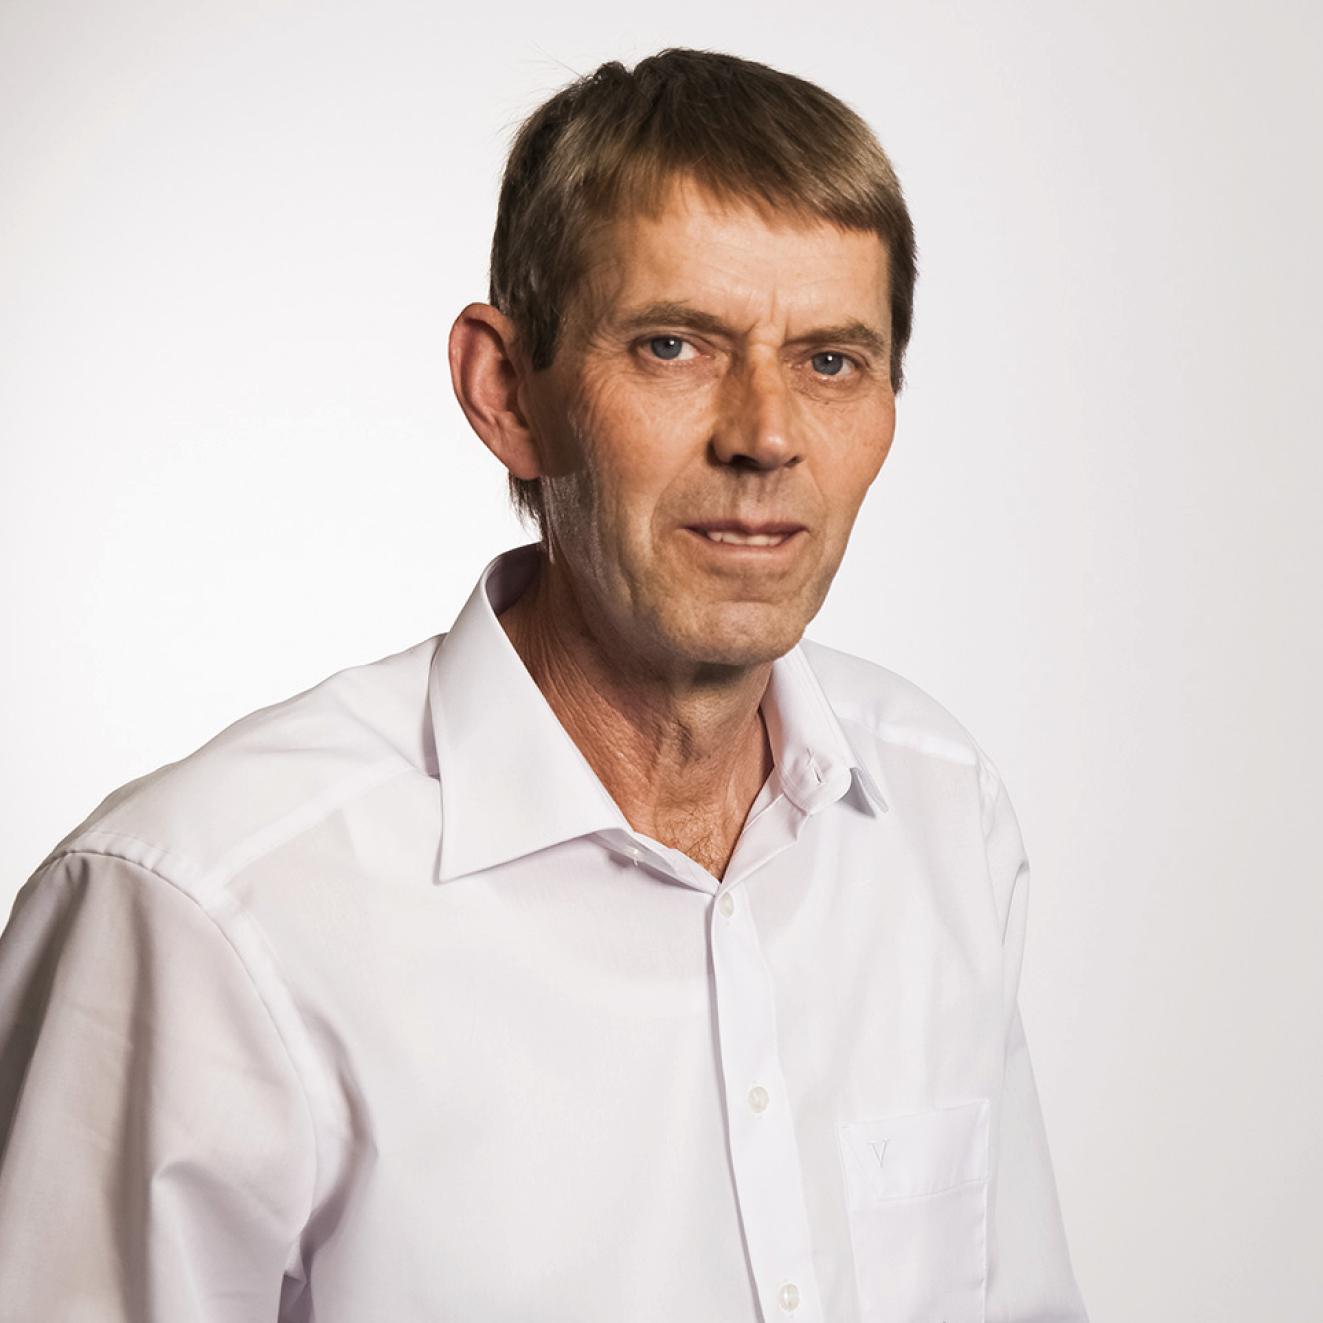 Roland Pfefferle